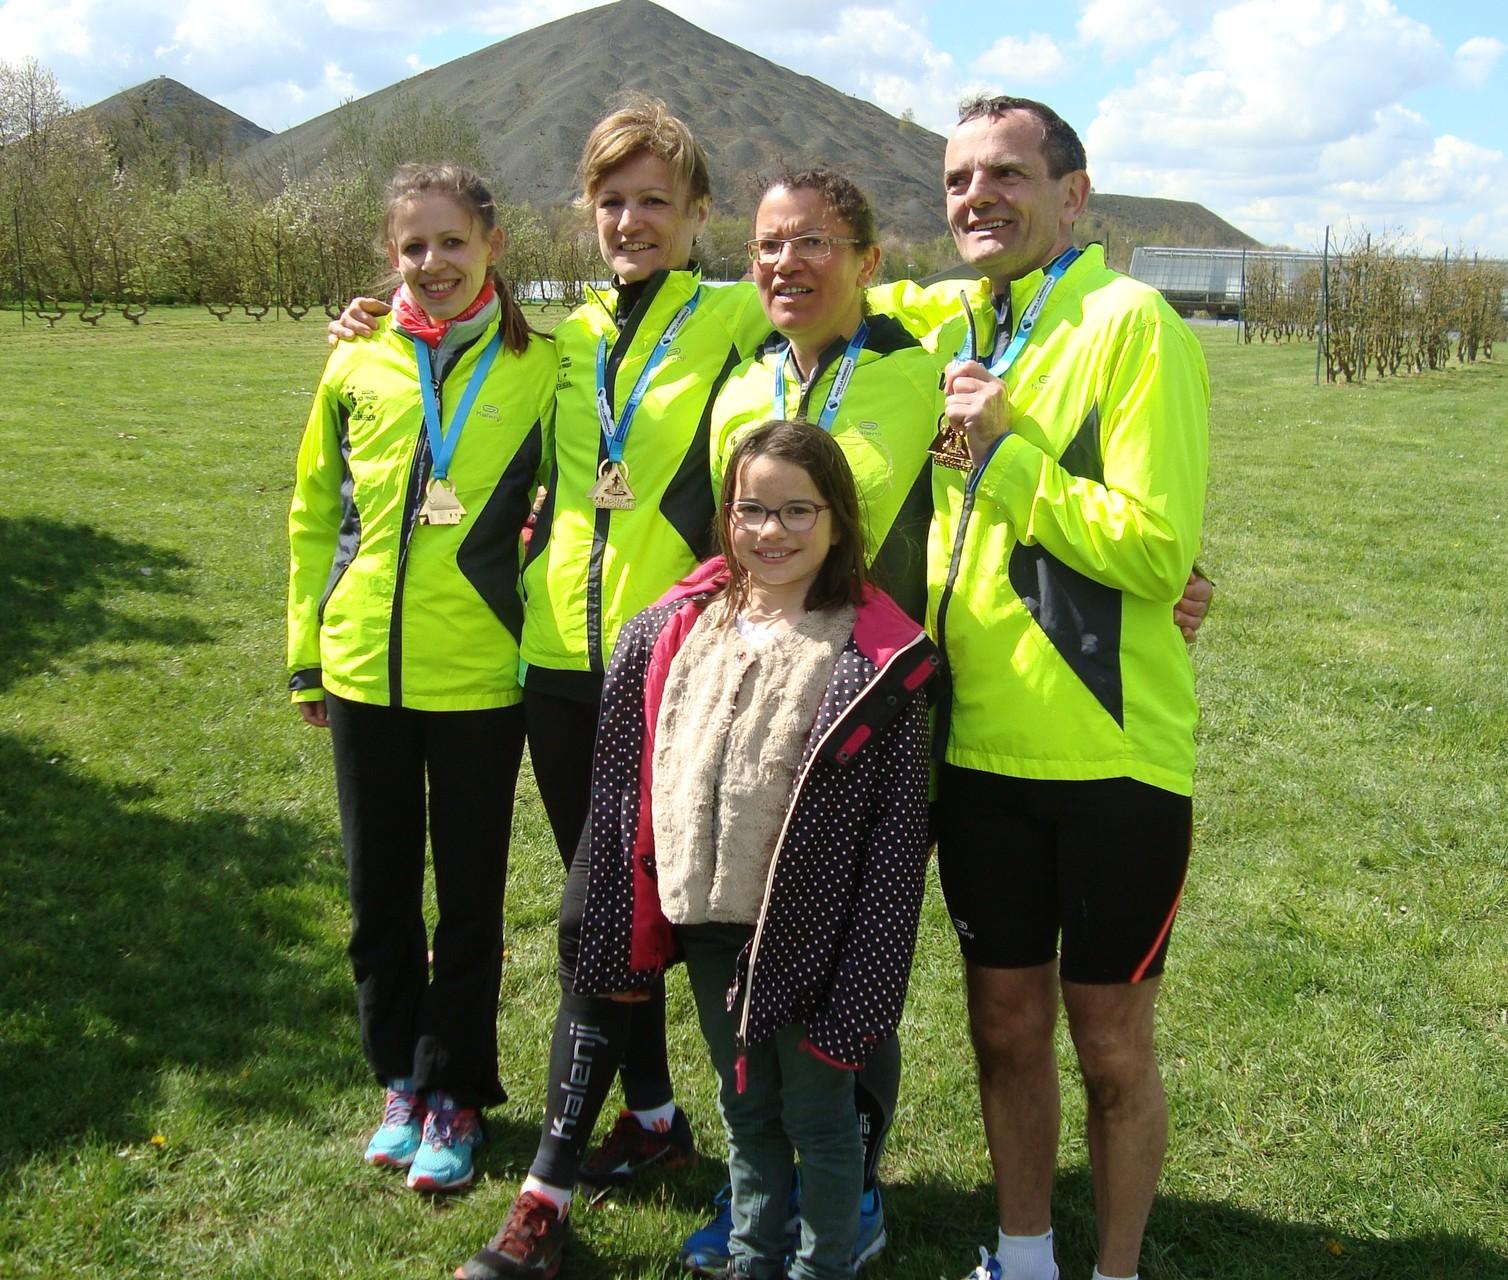 Les marathoniens